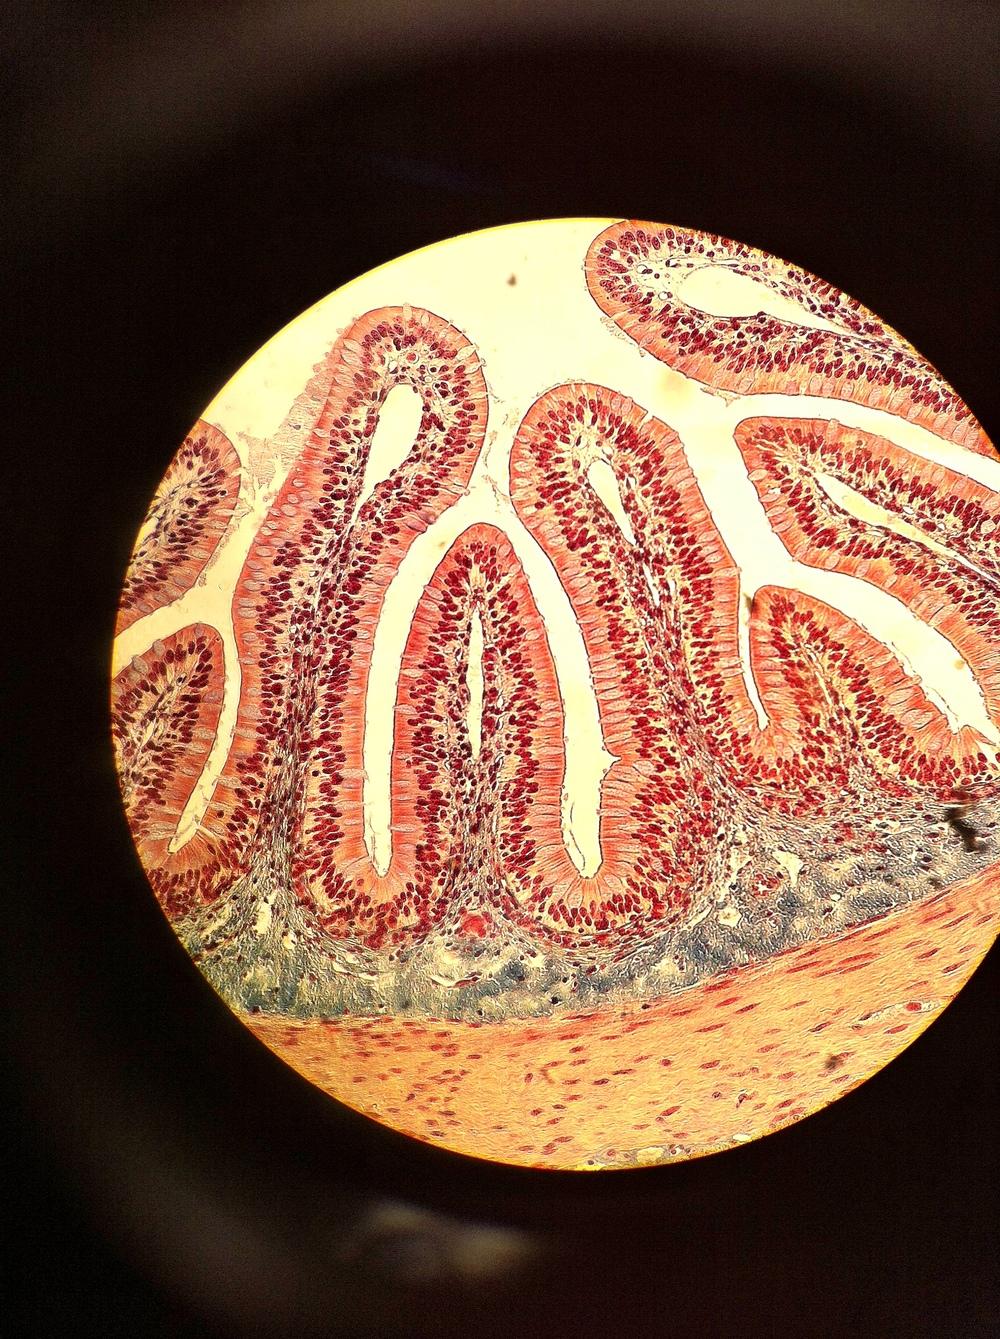 Goblet Cells, Total Mag: 100X